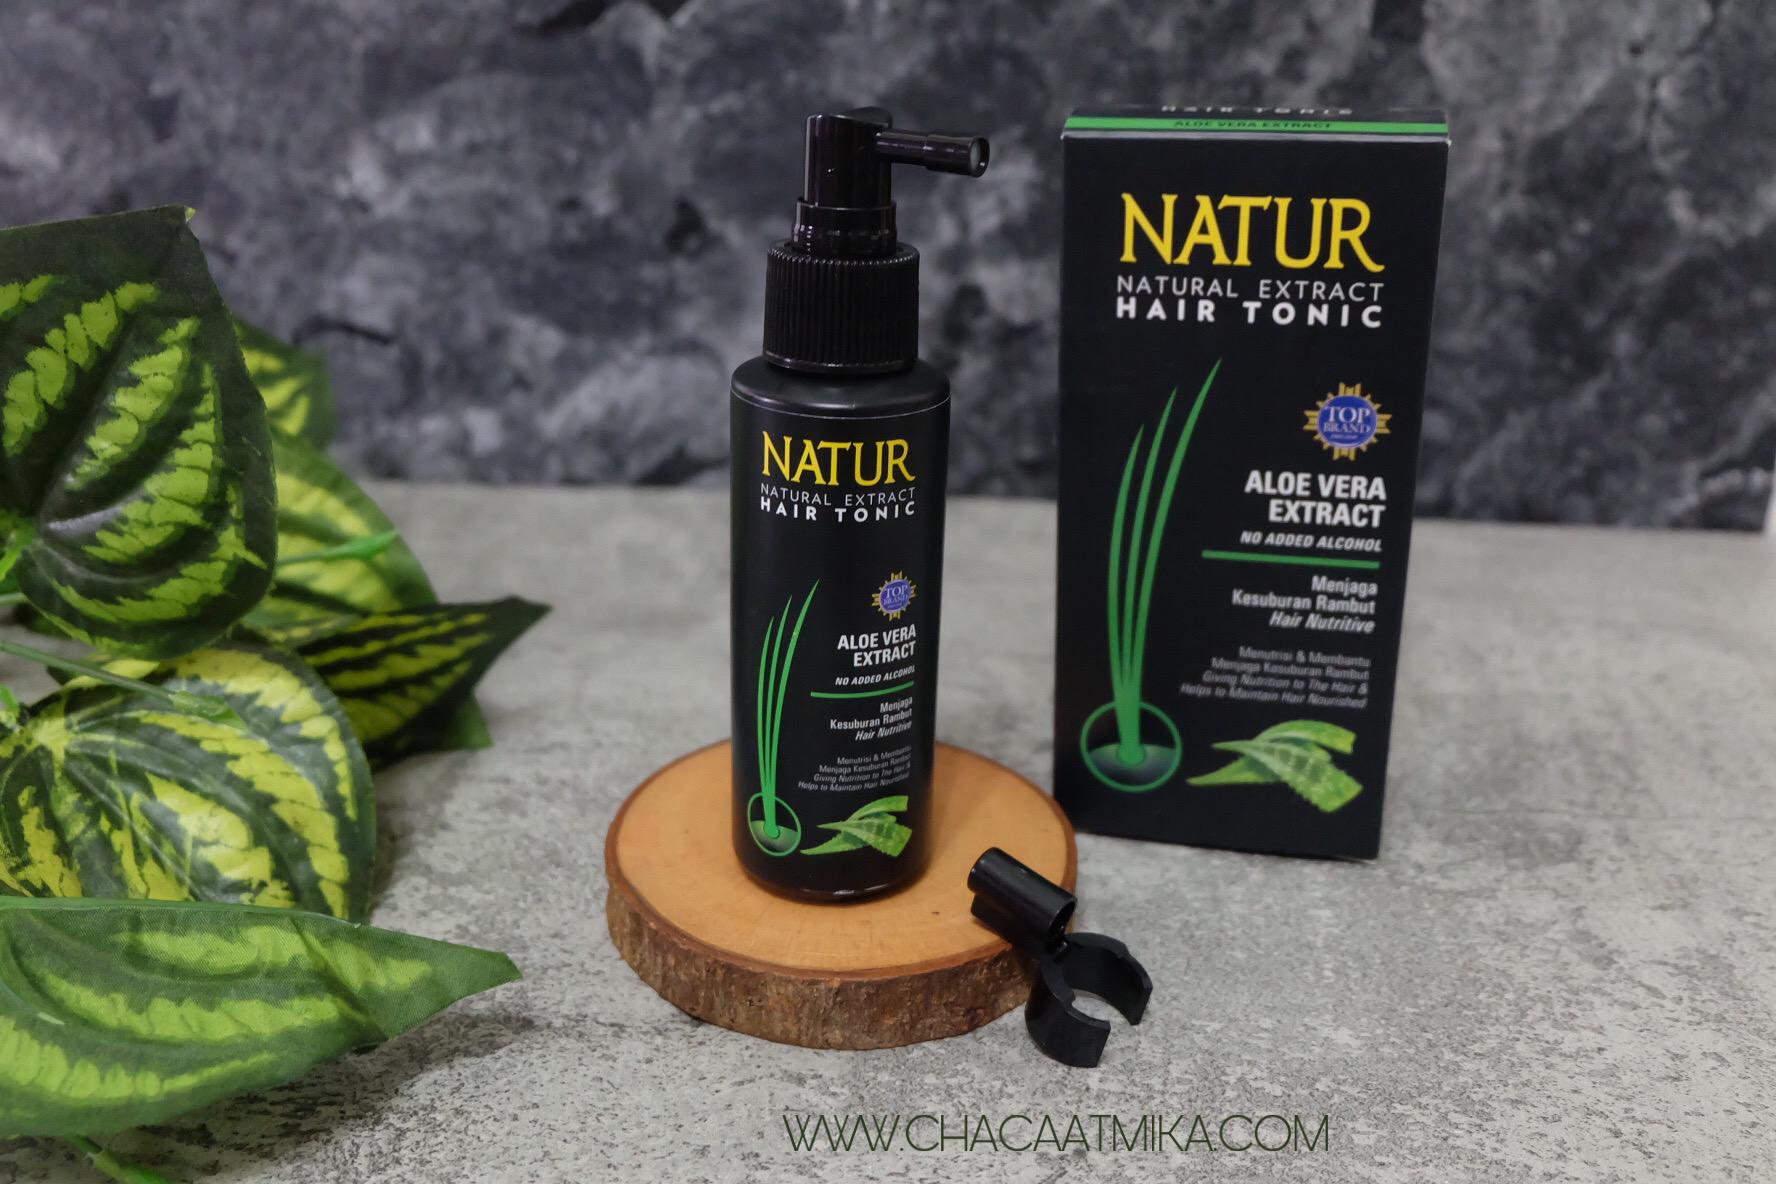 Fungsi NATUR Hair Tonic Aloe Vera